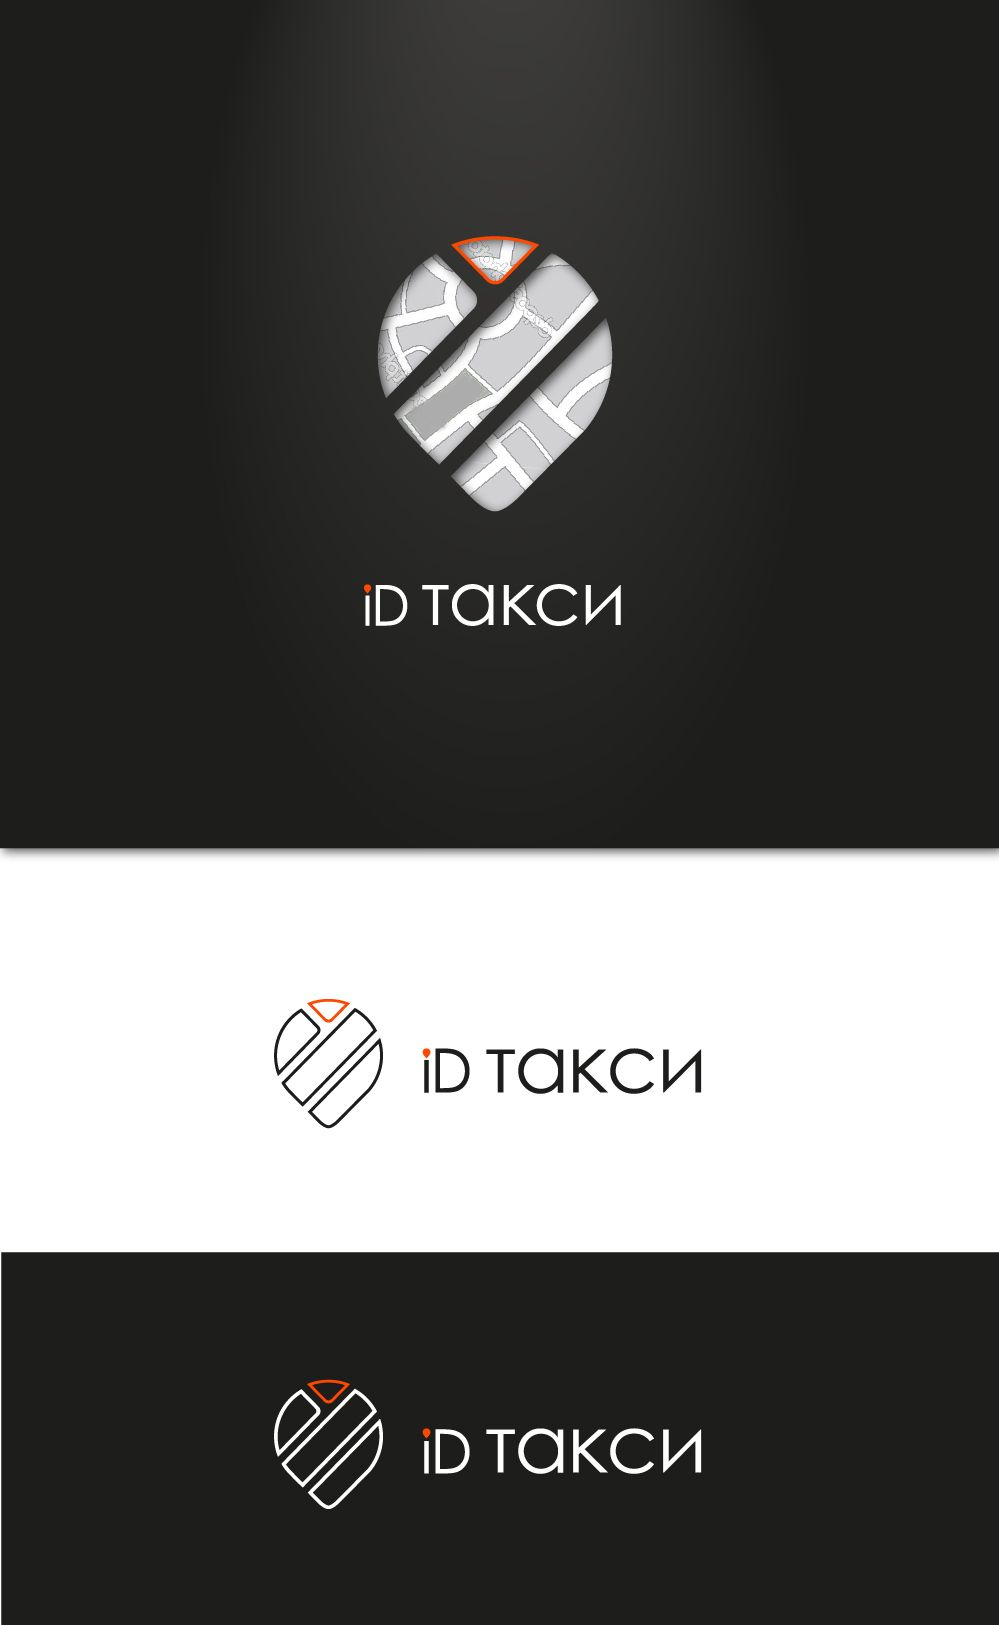 Лого и фирменный стиль для iD Такси - дизайнер yaberezinanton